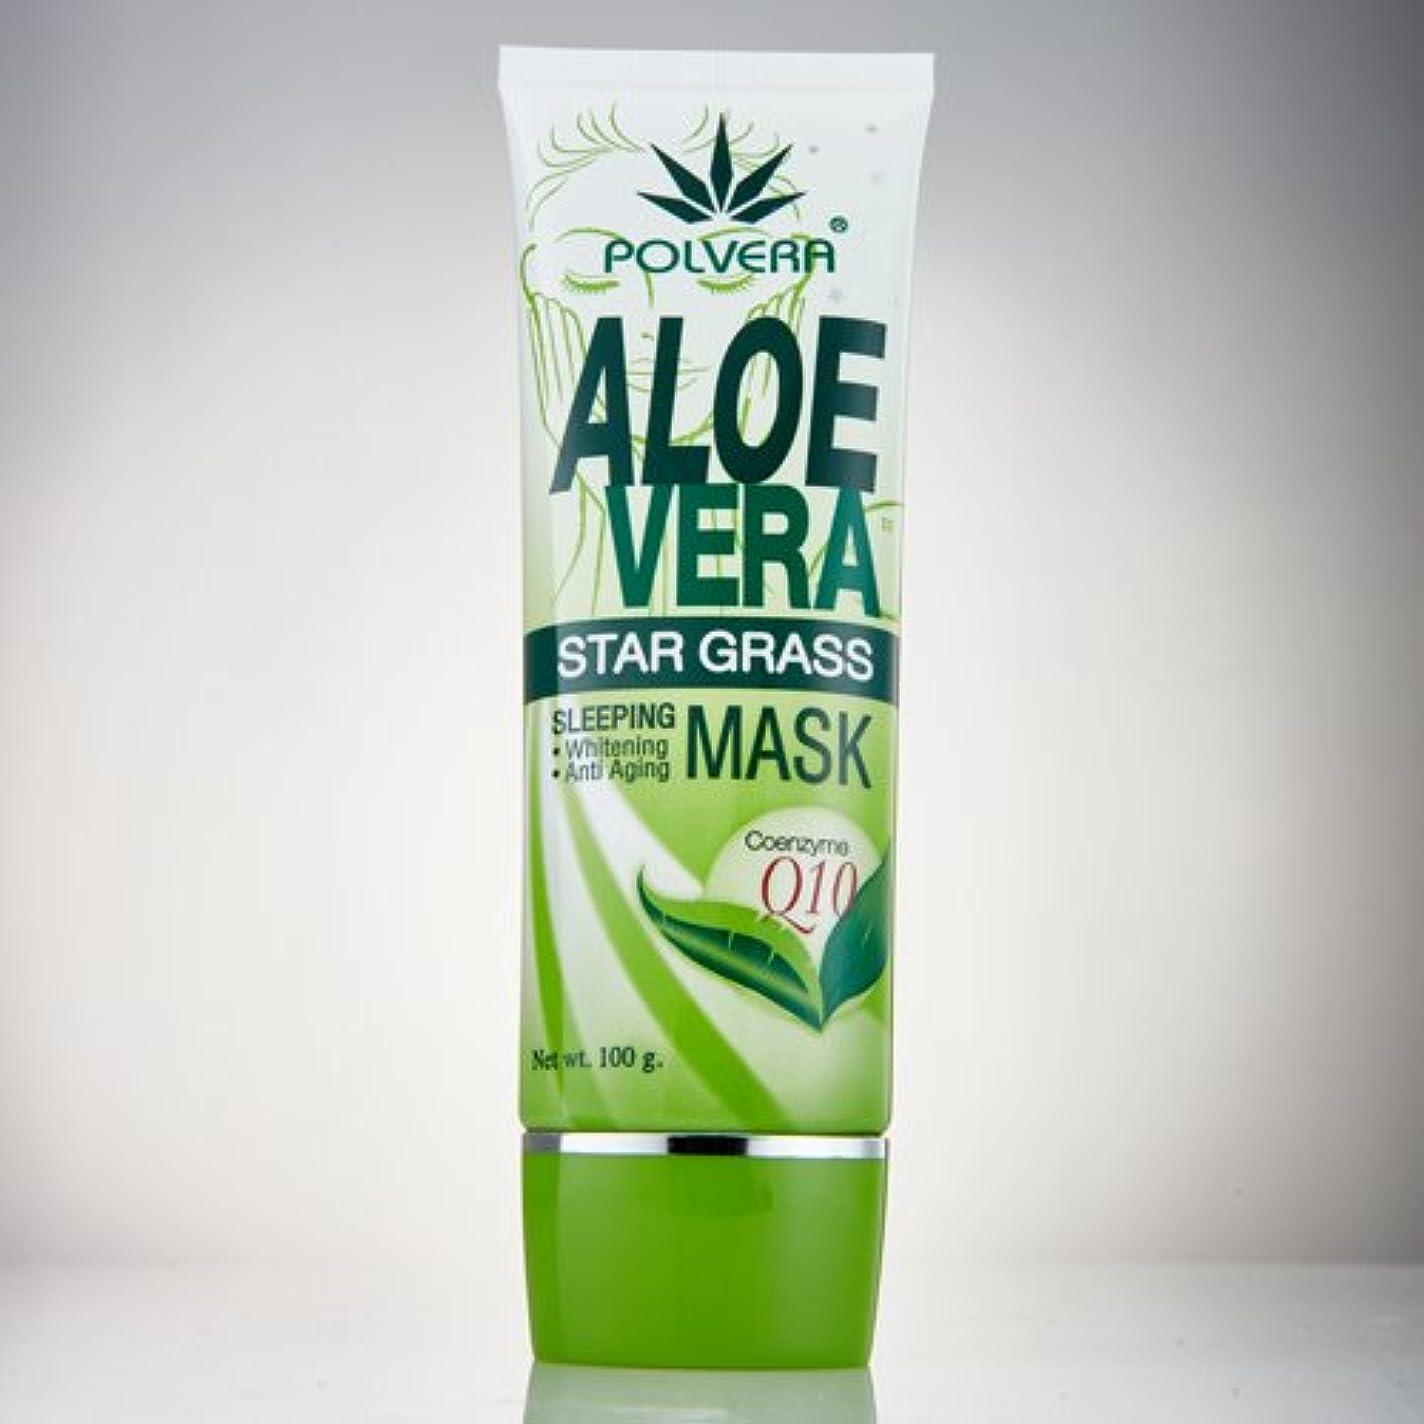 容疑者財団責めるフレッシュアロエベラスターグラススリーピングマスクCo-Q10 Polvera Fresh Aloe Vera Star Grass Mask Gel Co-Q10 100g